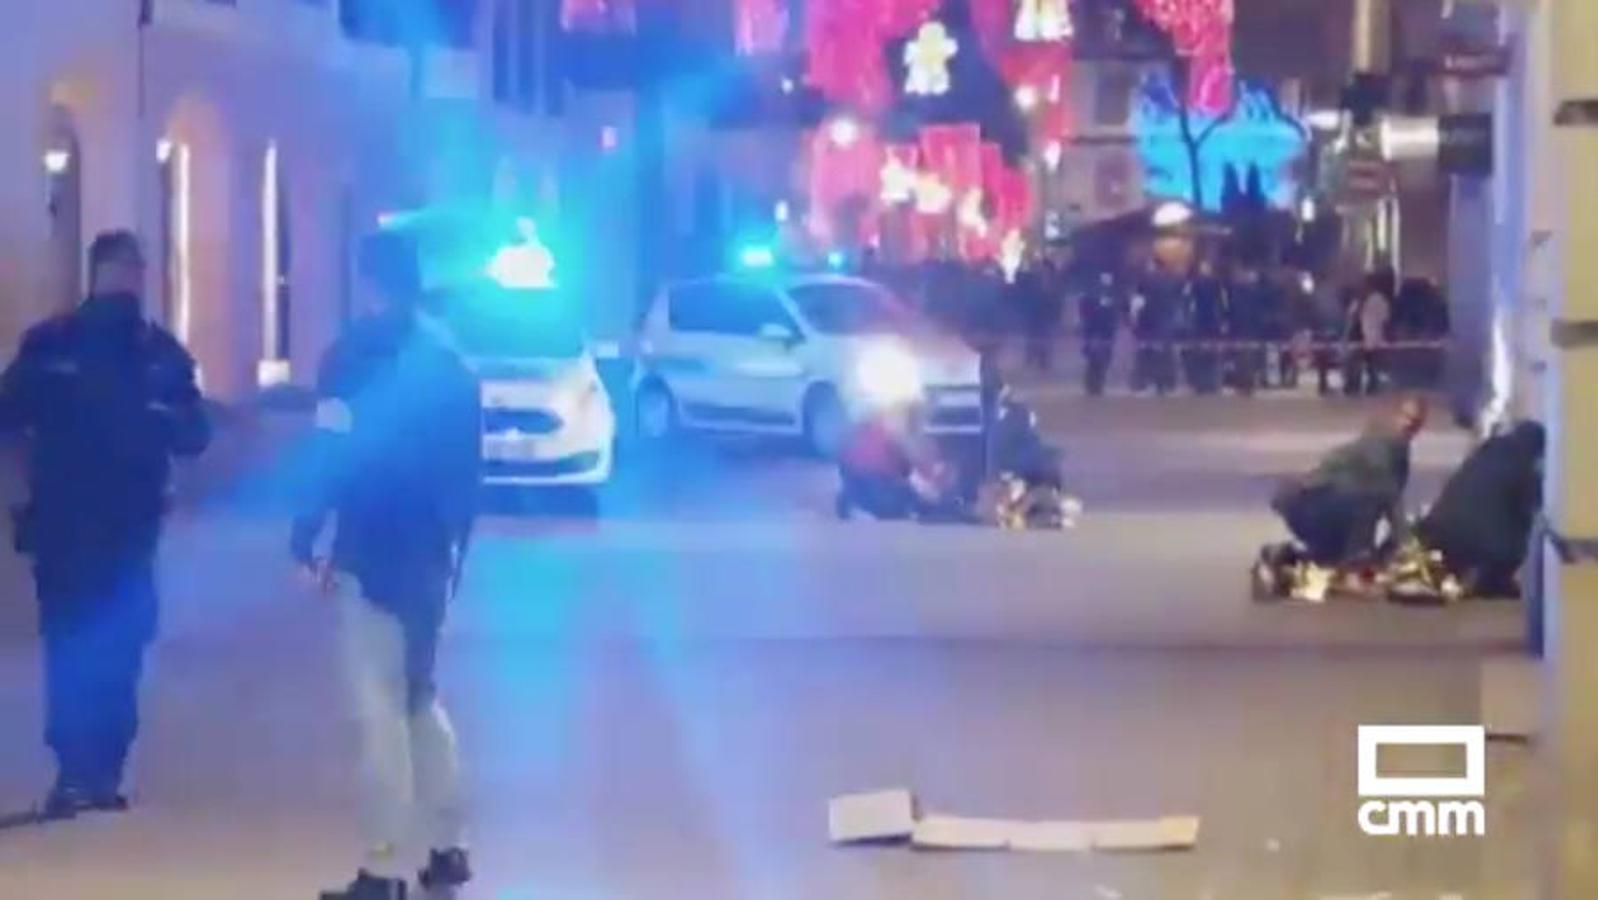 Imagen difundida tras el tiroteo en Estrasburgo